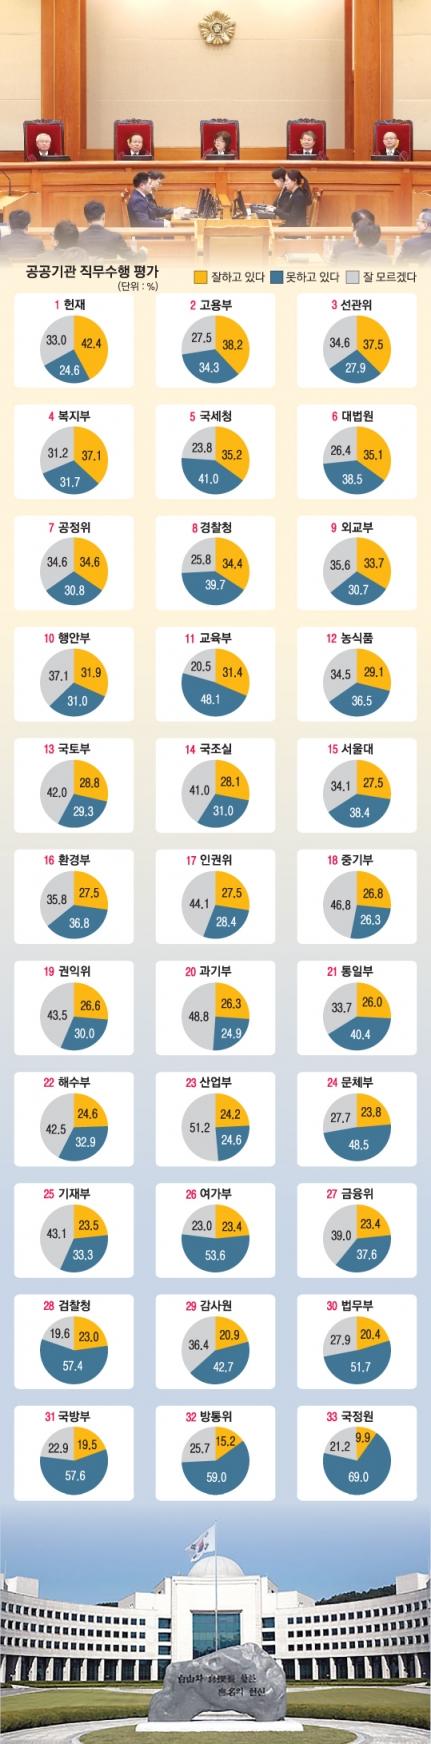 [단독] '탄핵' 헌재 신뢰도 1위, '文 효과' 고용부 2위… 국정원 꼴찌